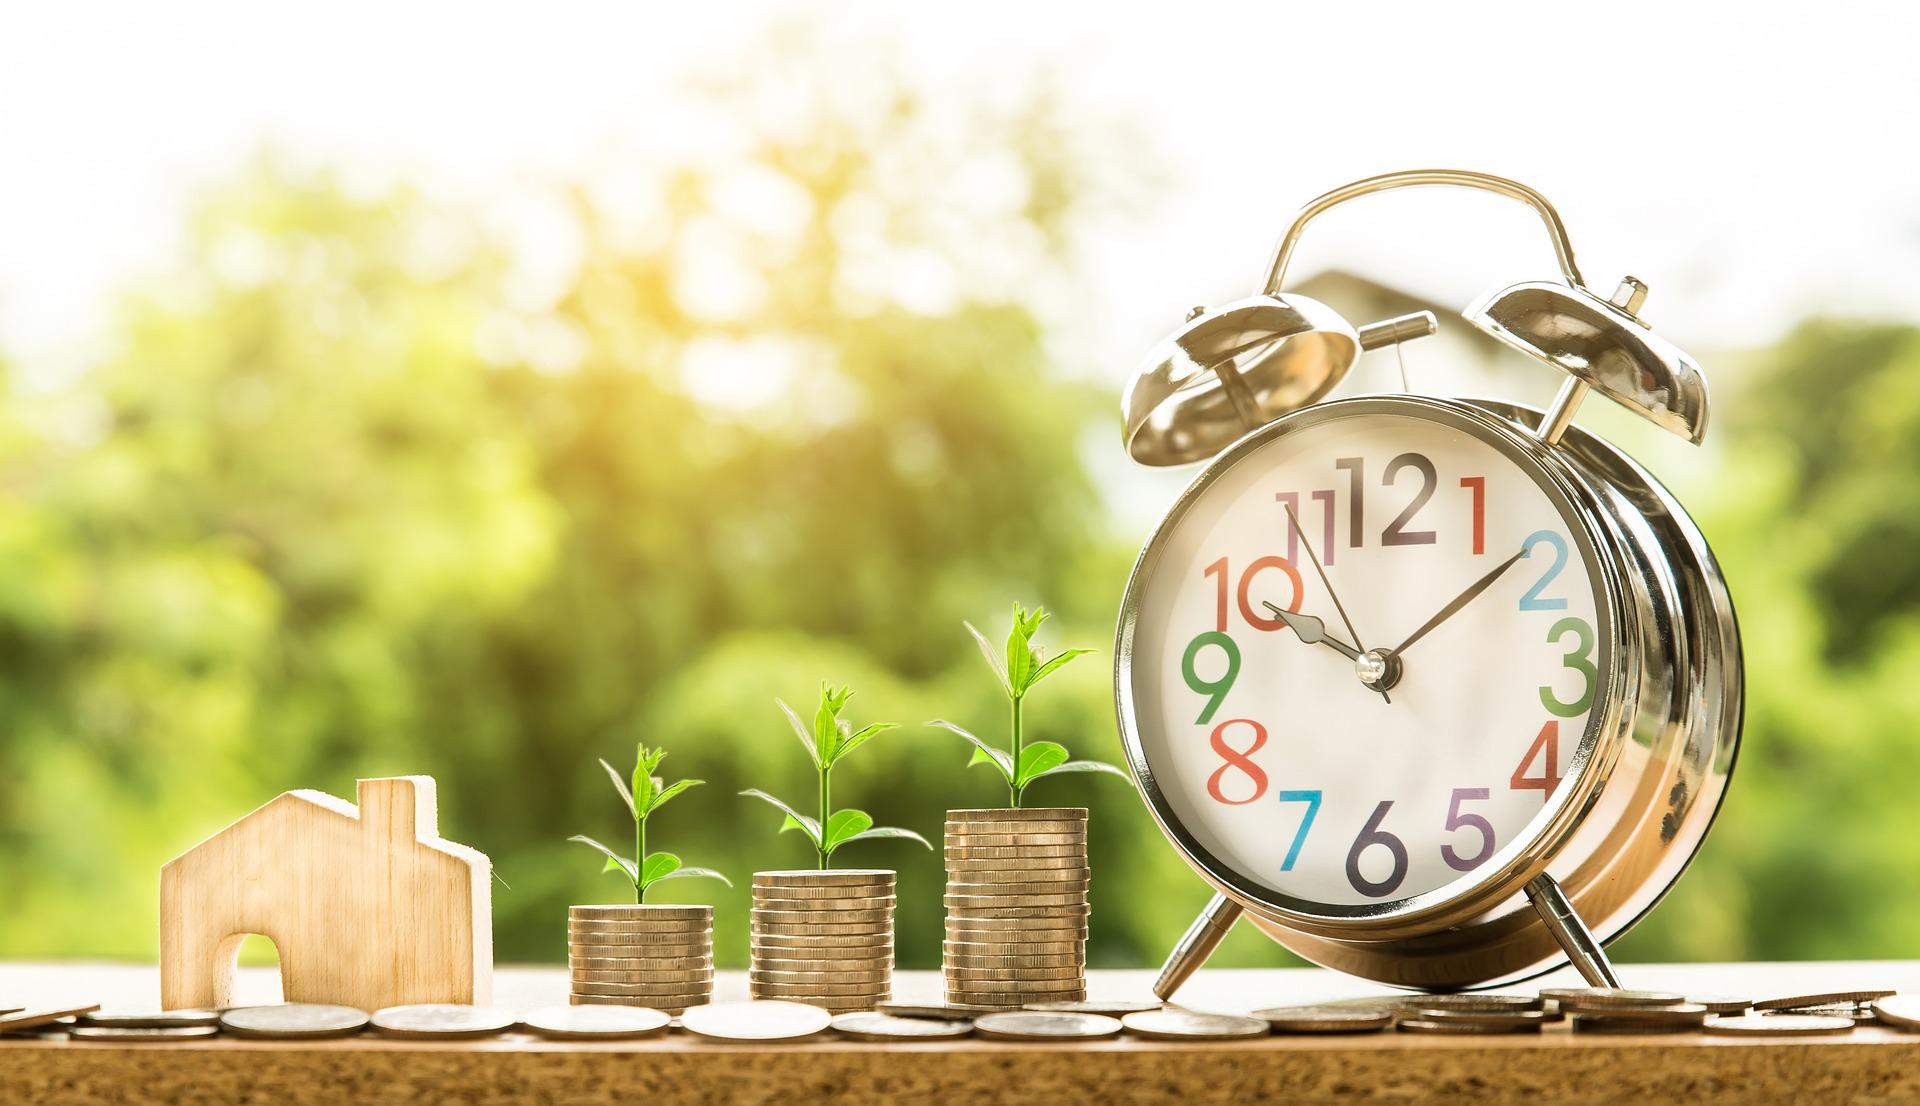 Sådan har du bedst mulighed for at opnå succes med dine investeringer